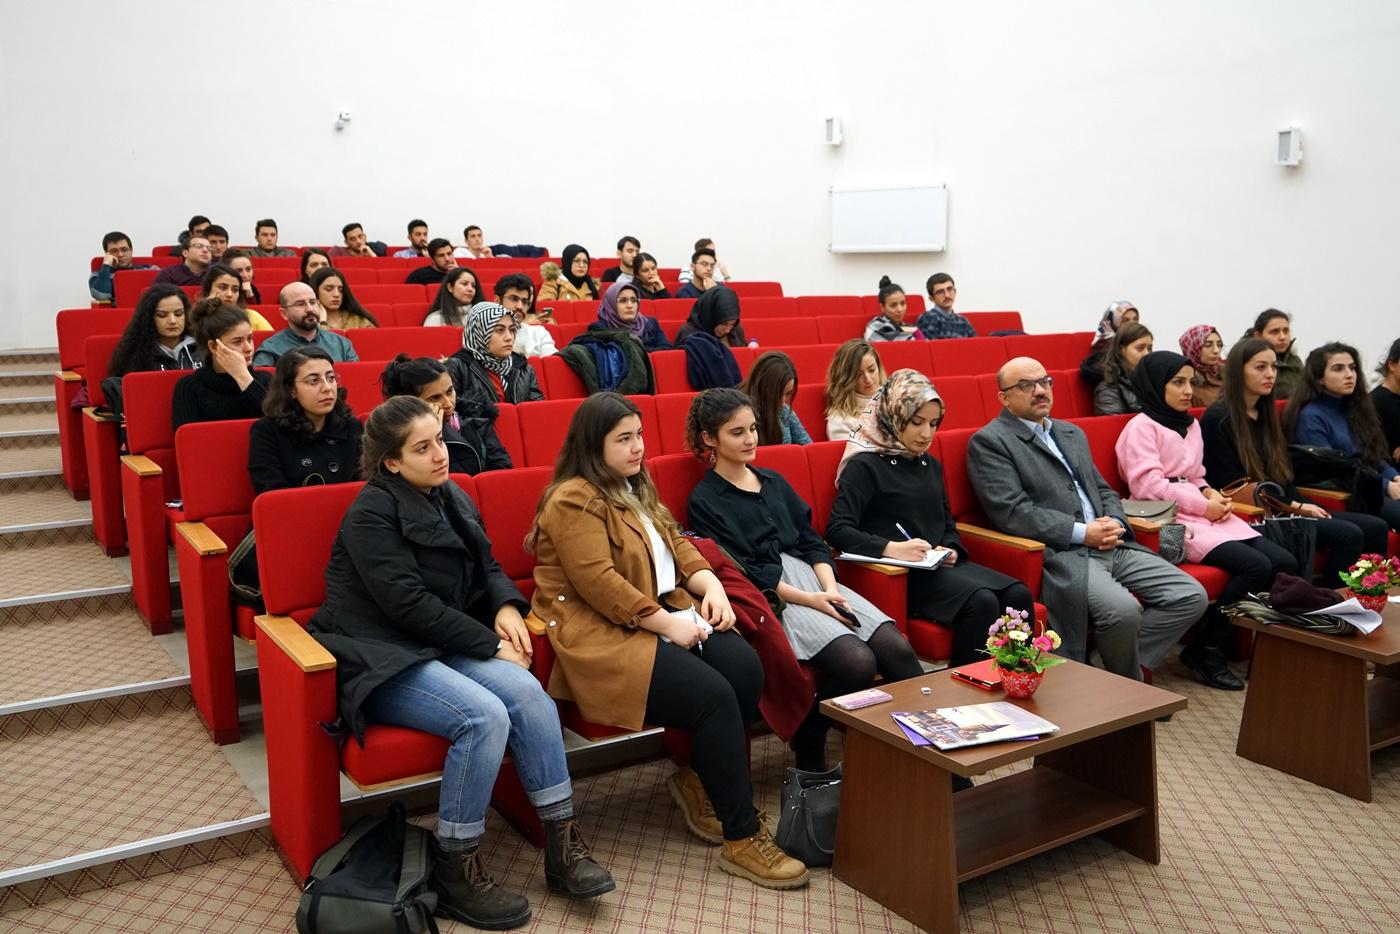 Akademisyenlik ve İngilizce Geliştirme Teknikleri Konferansı Gerçekleştirildi Resim